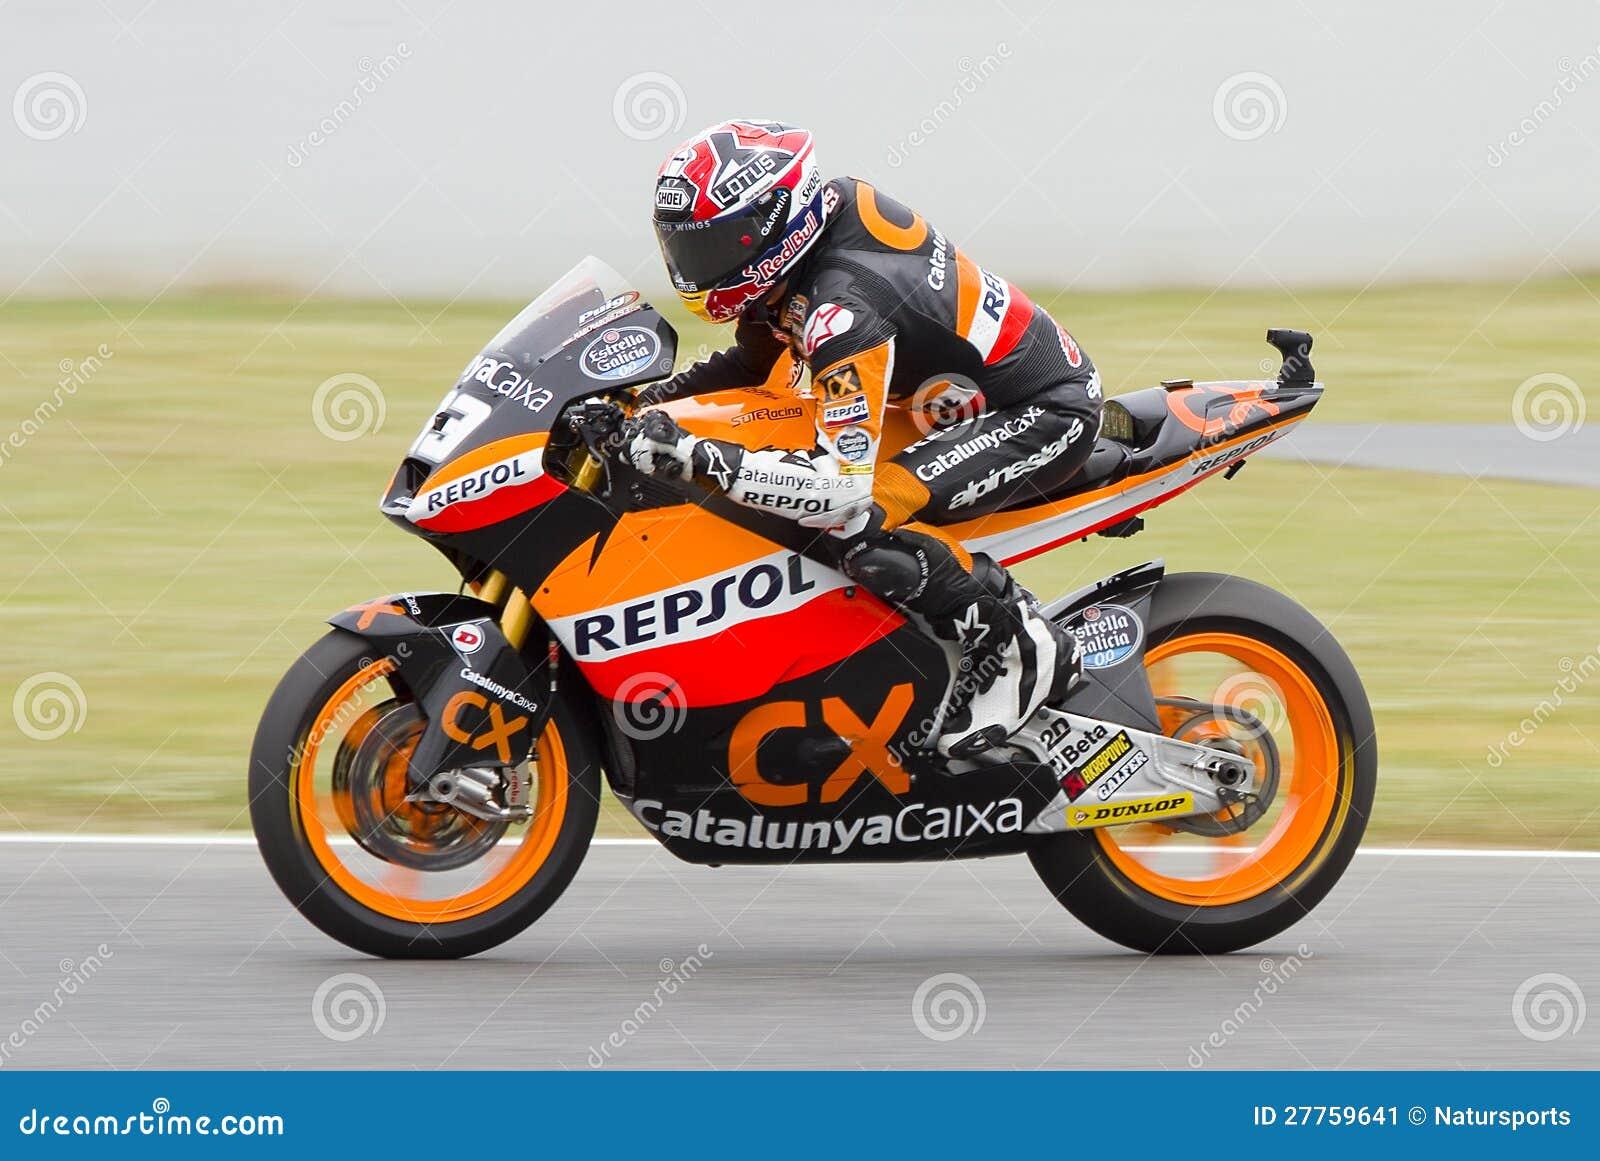 Course de motocyclisme